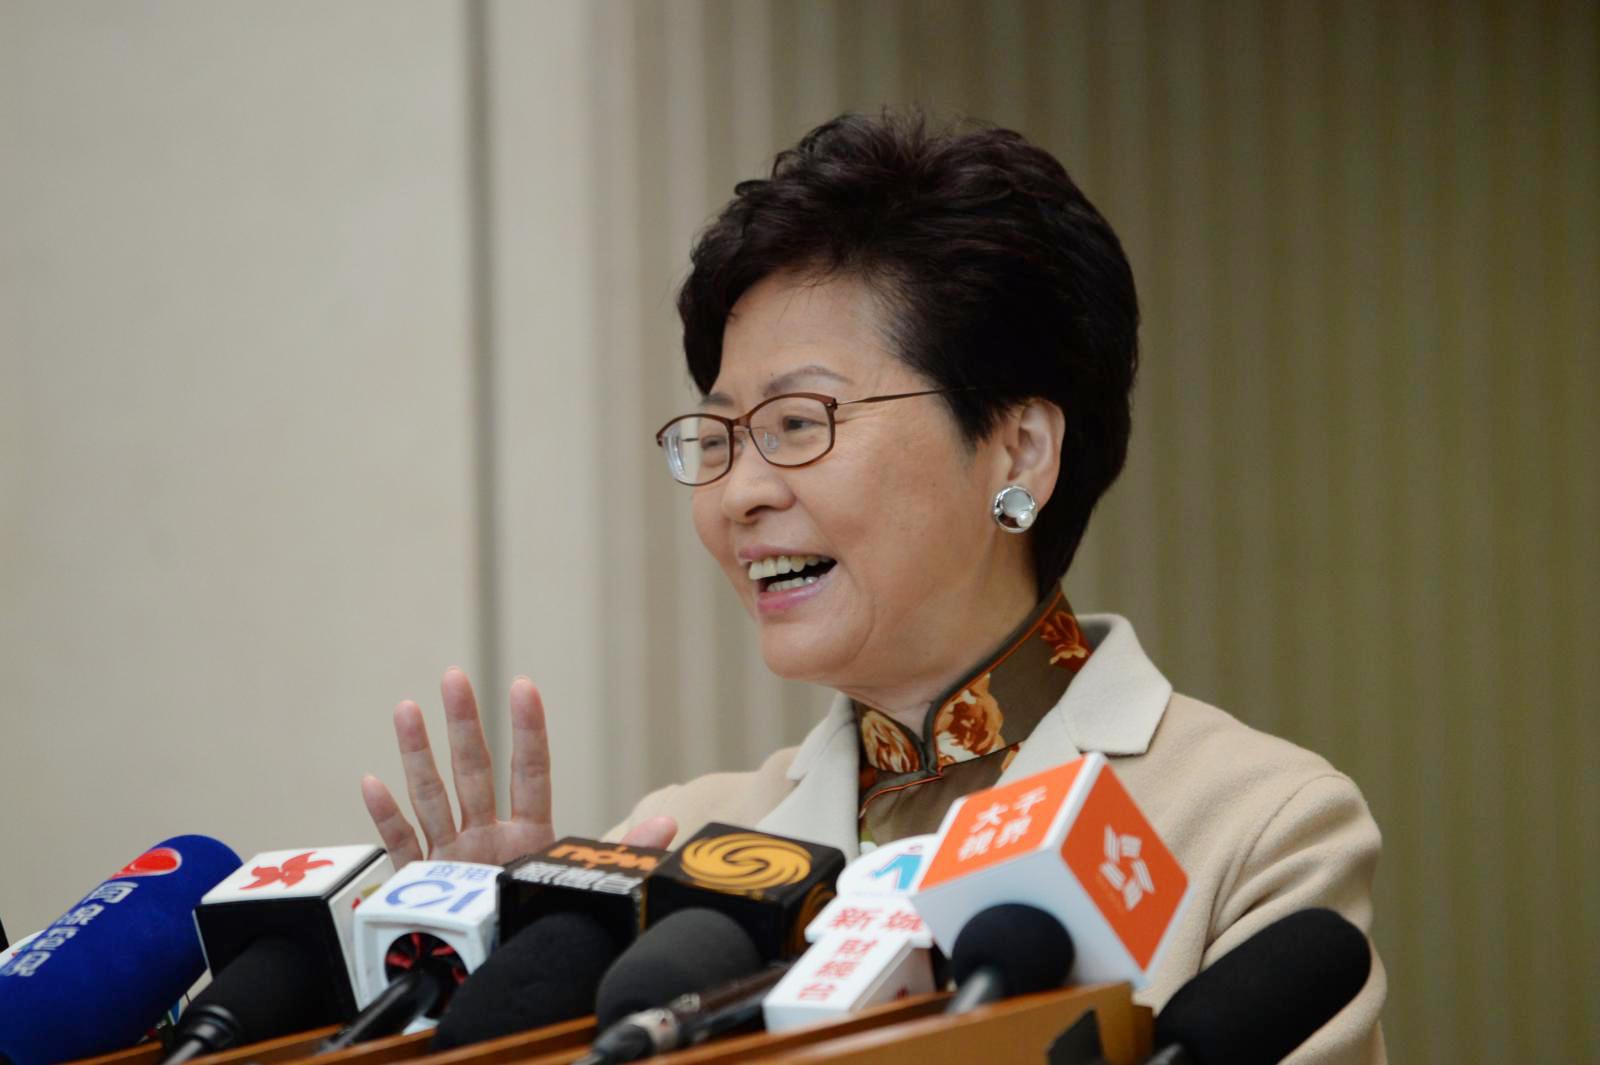 林鄭月娥說,下任港鐵主席將面對極大挑戰。